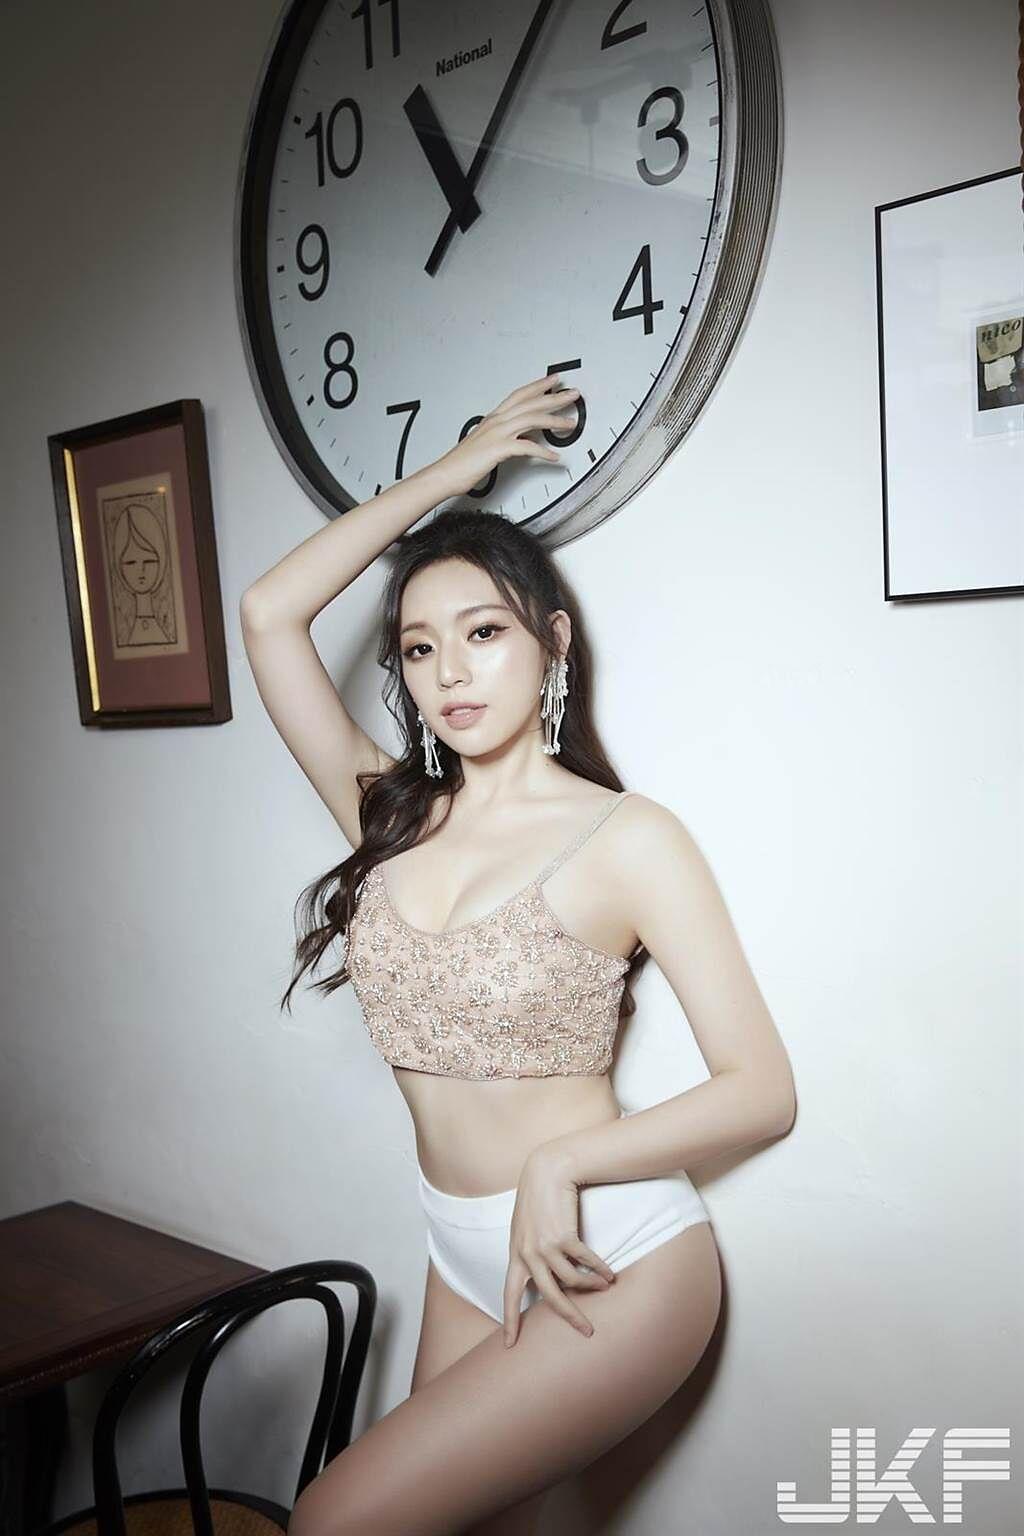 畢業於台藝大的她,有著校花級的高顏值又充滿知性美。 (JKF提供)